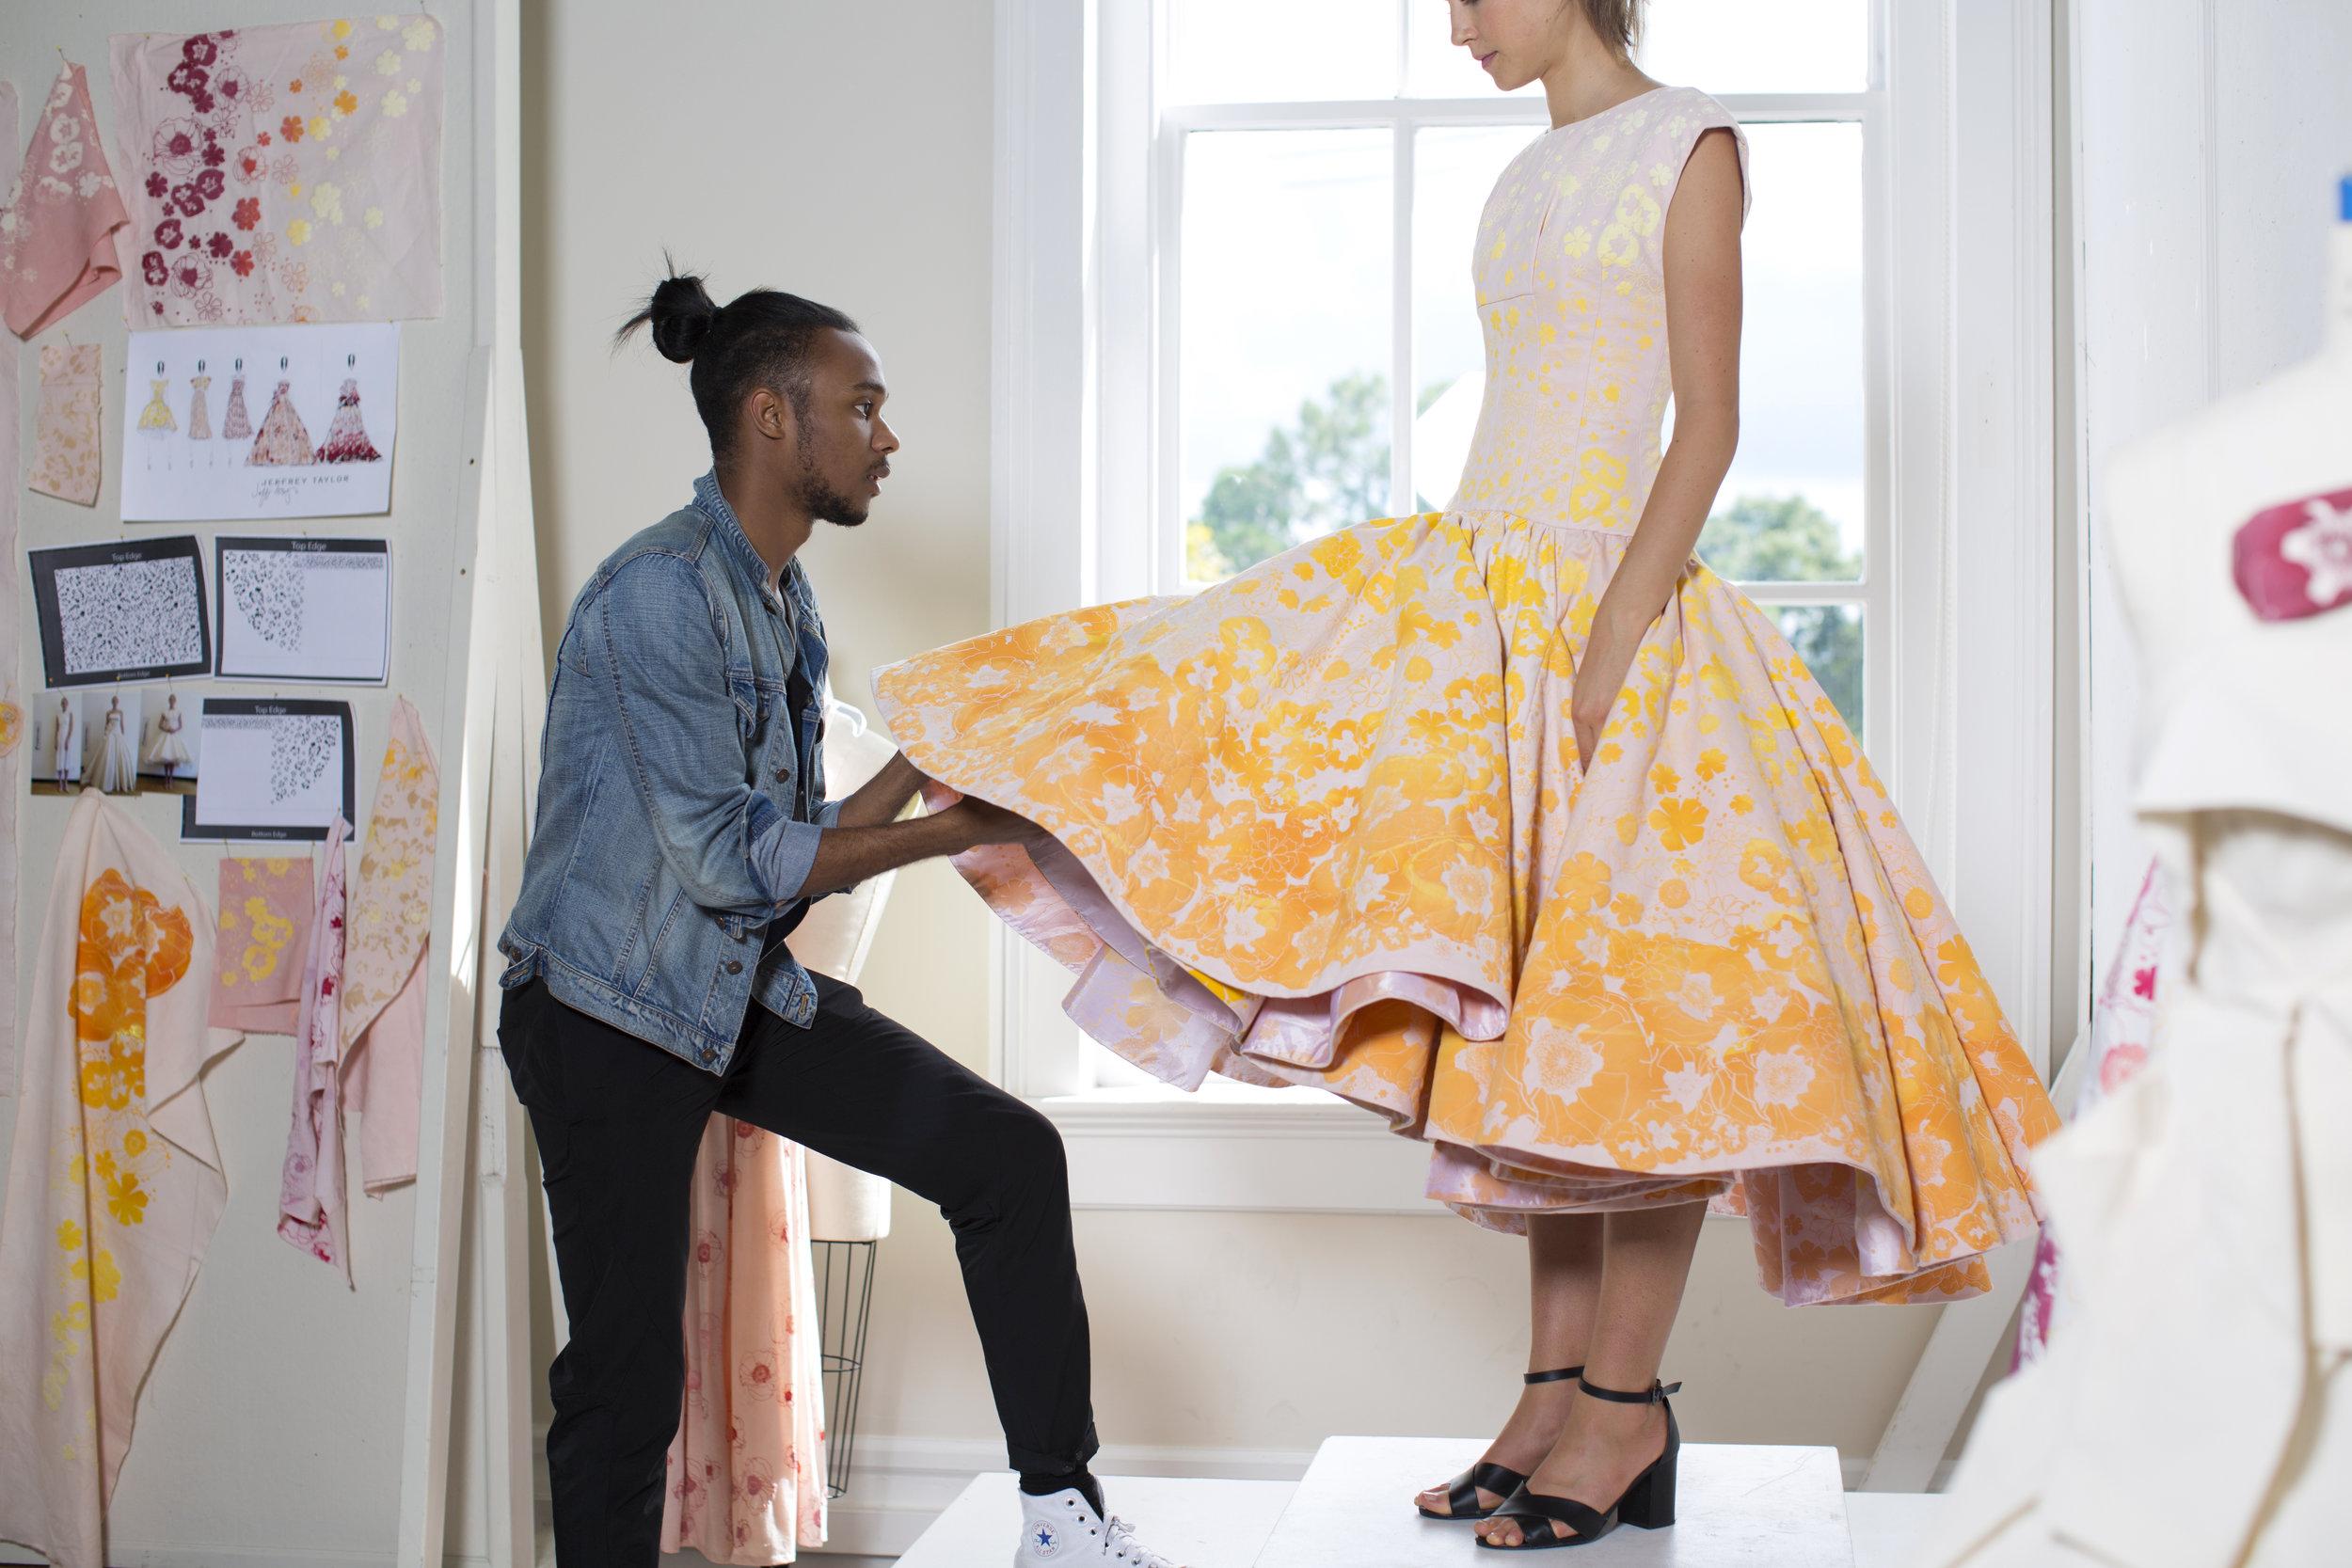 SAV_2016Summer_Fashion_JeffreyTaylor_HS_76_BR.jpg